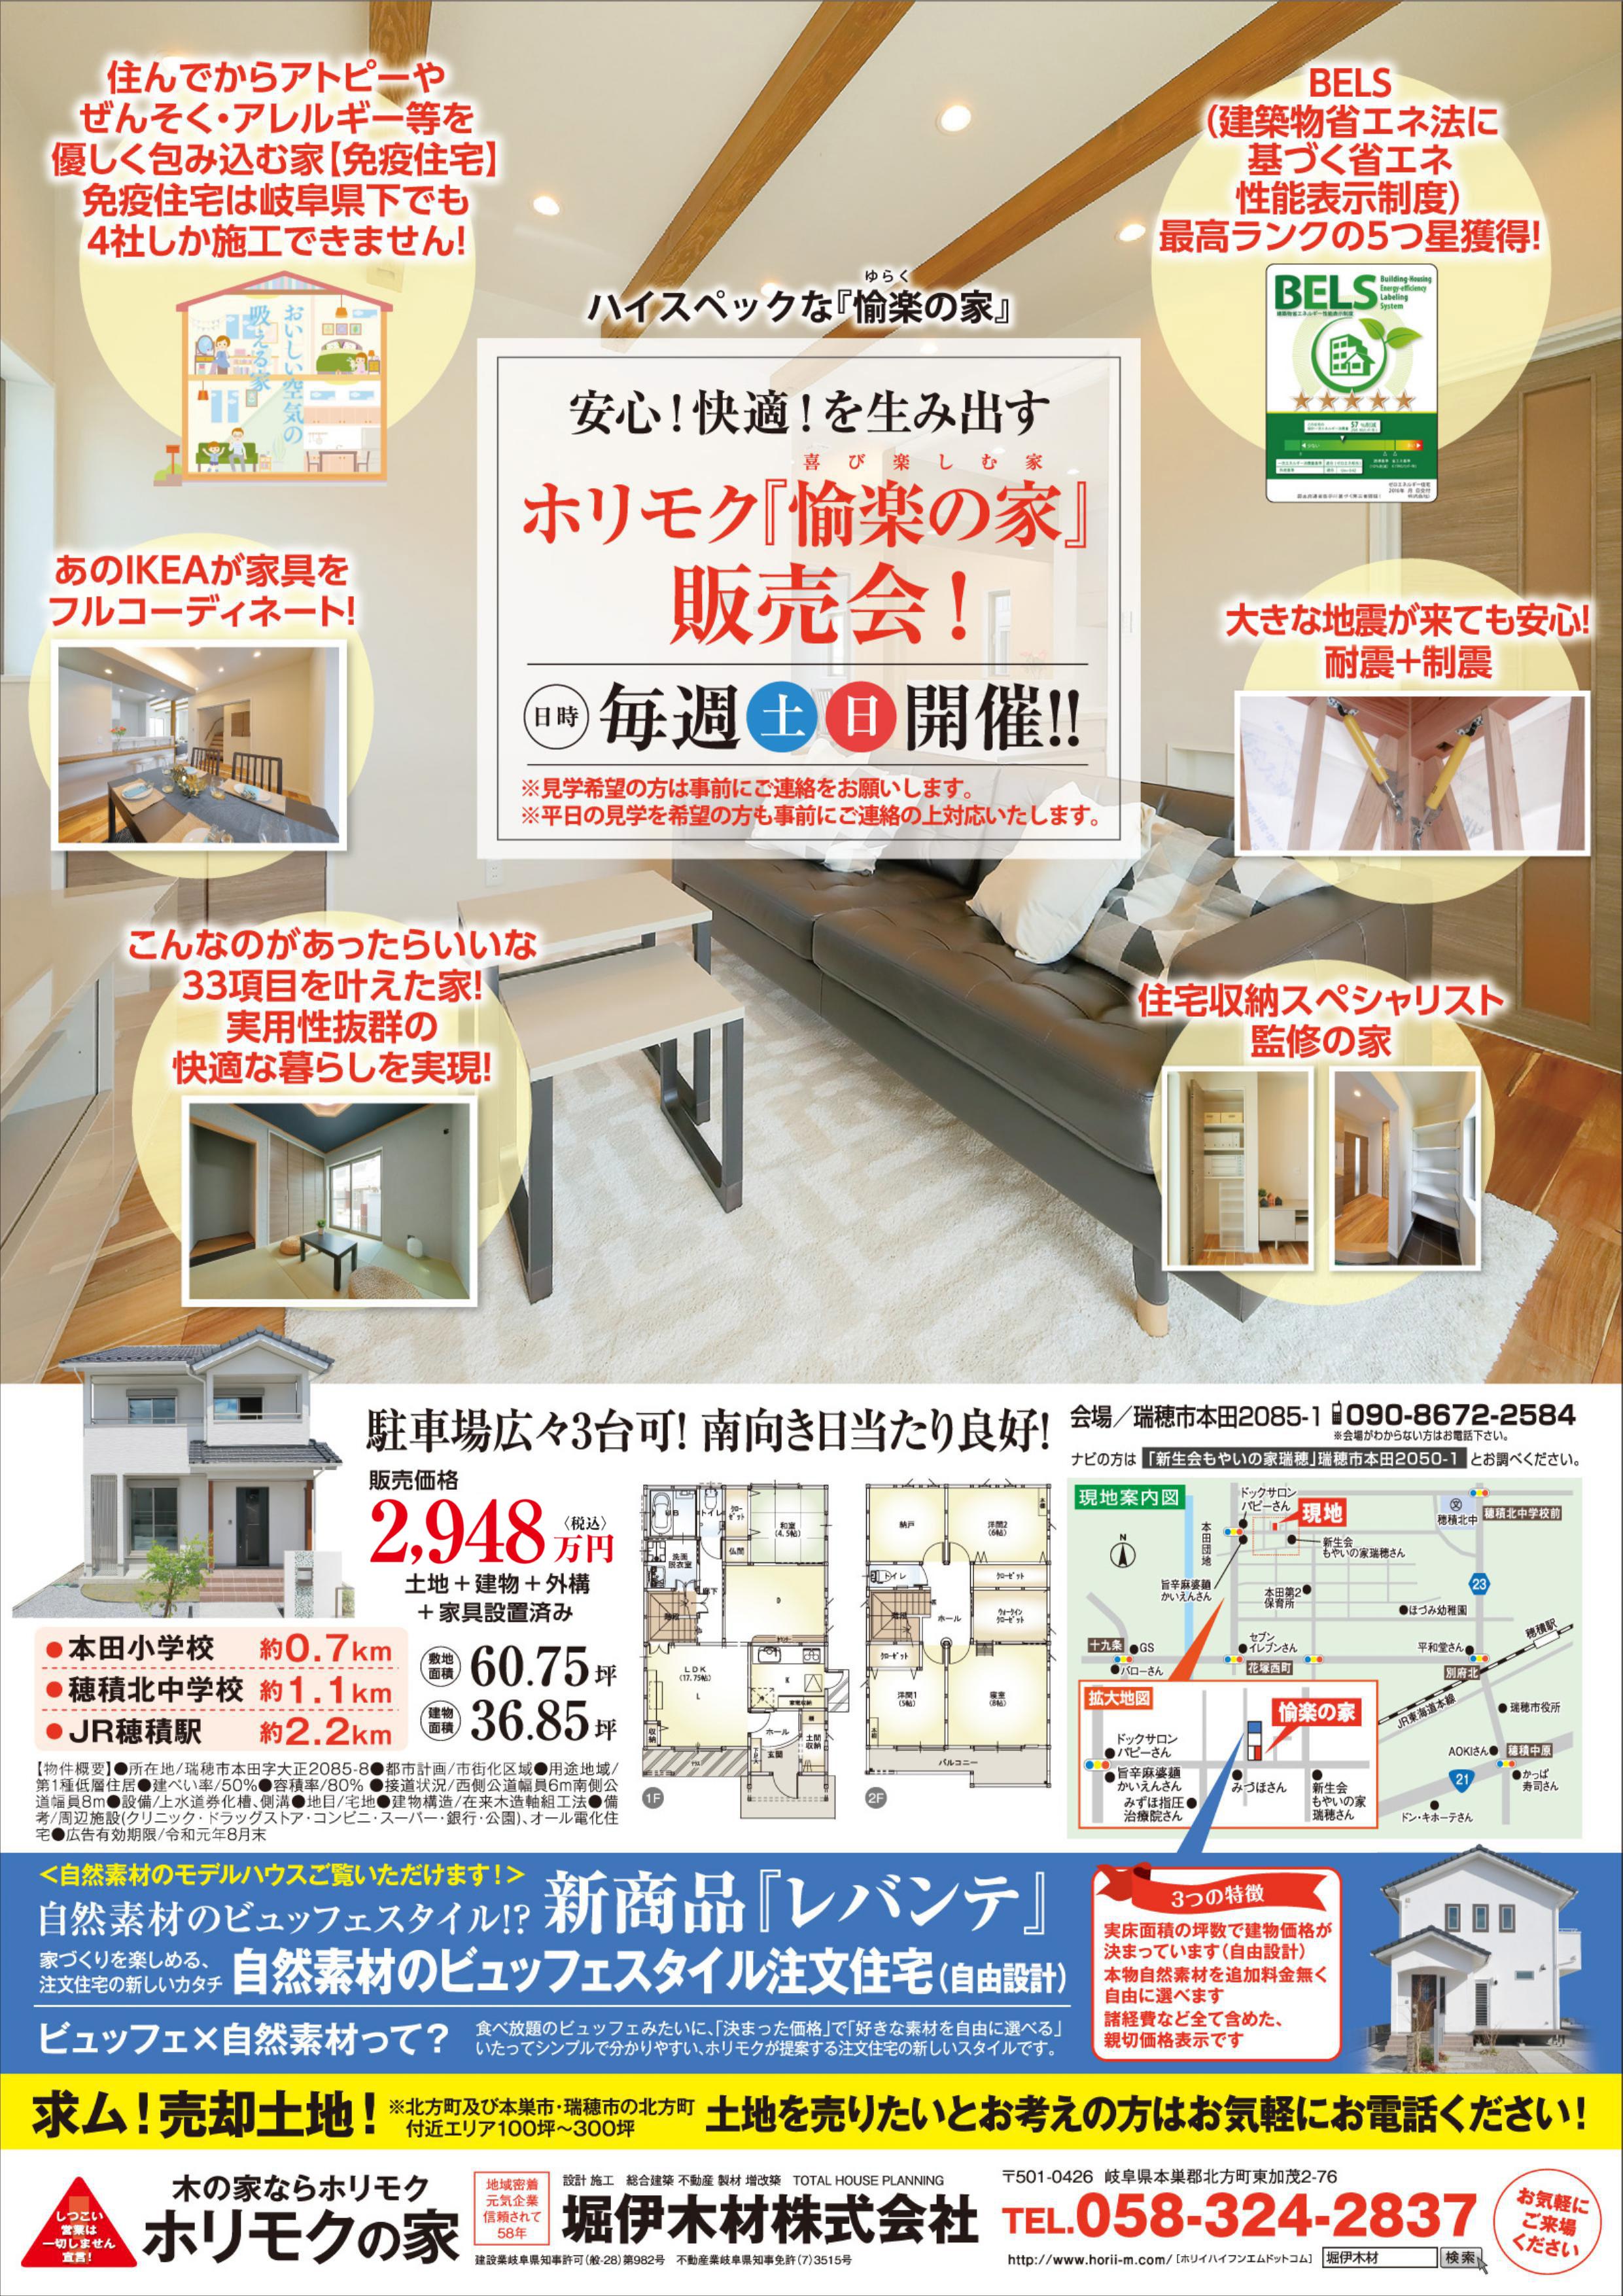 毎週開催!安心!快適を生み出す「愉楽の家」販売会!